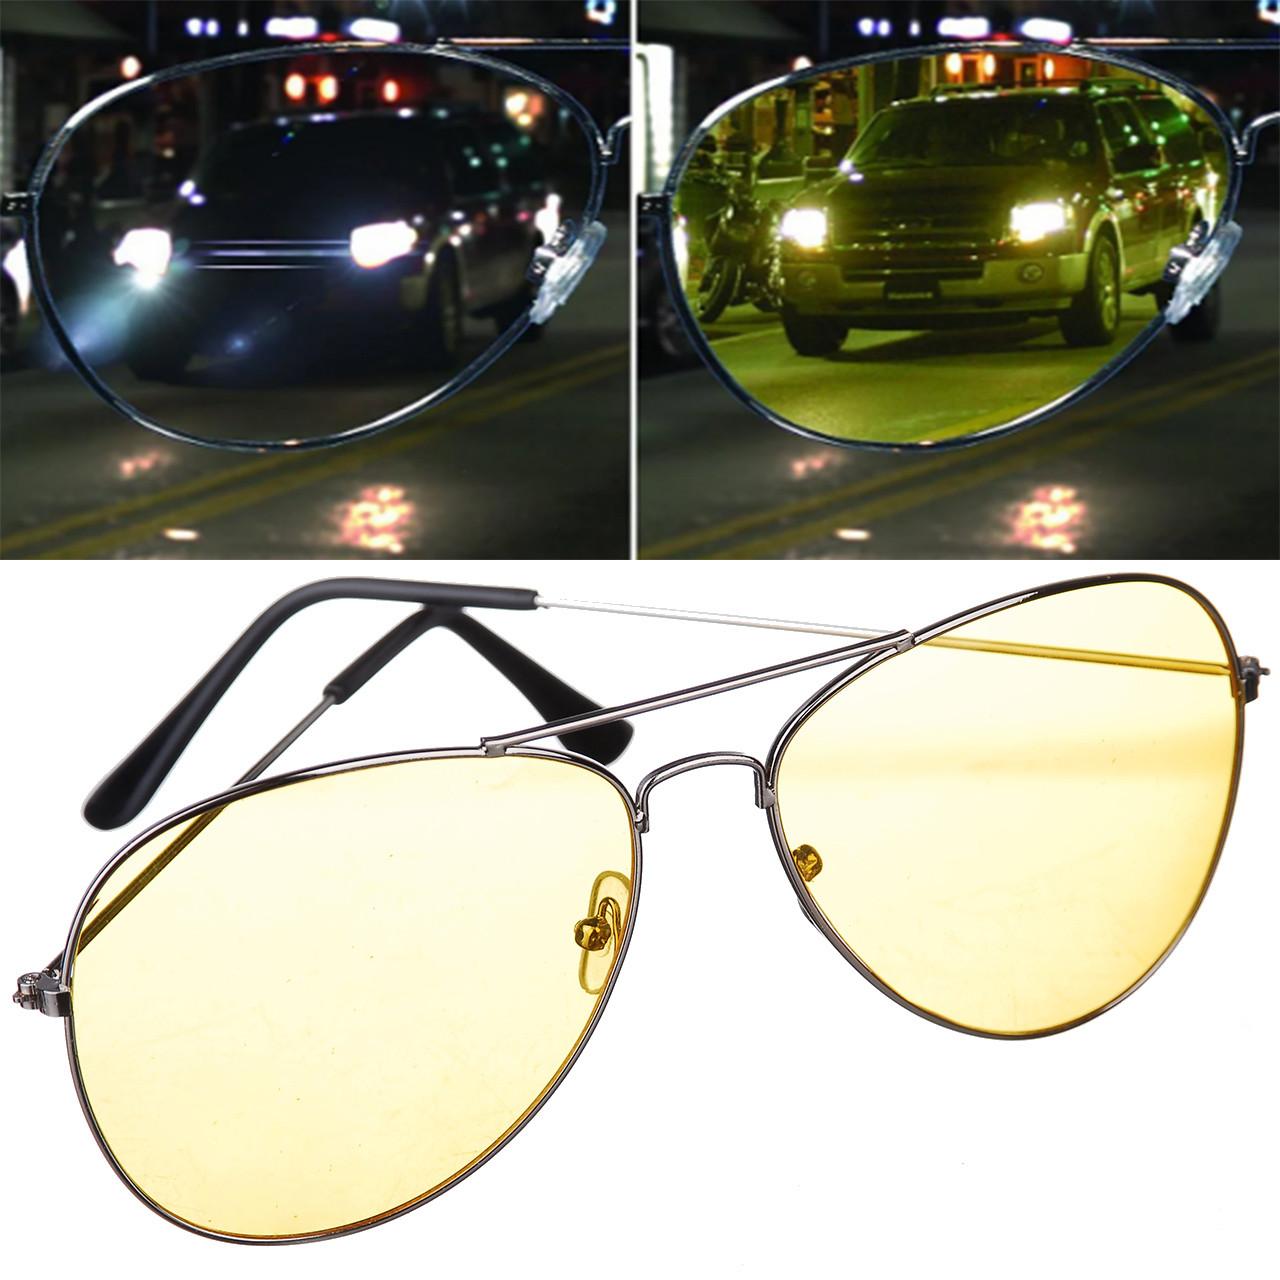 Очки для автомобилиста Glasses Night View